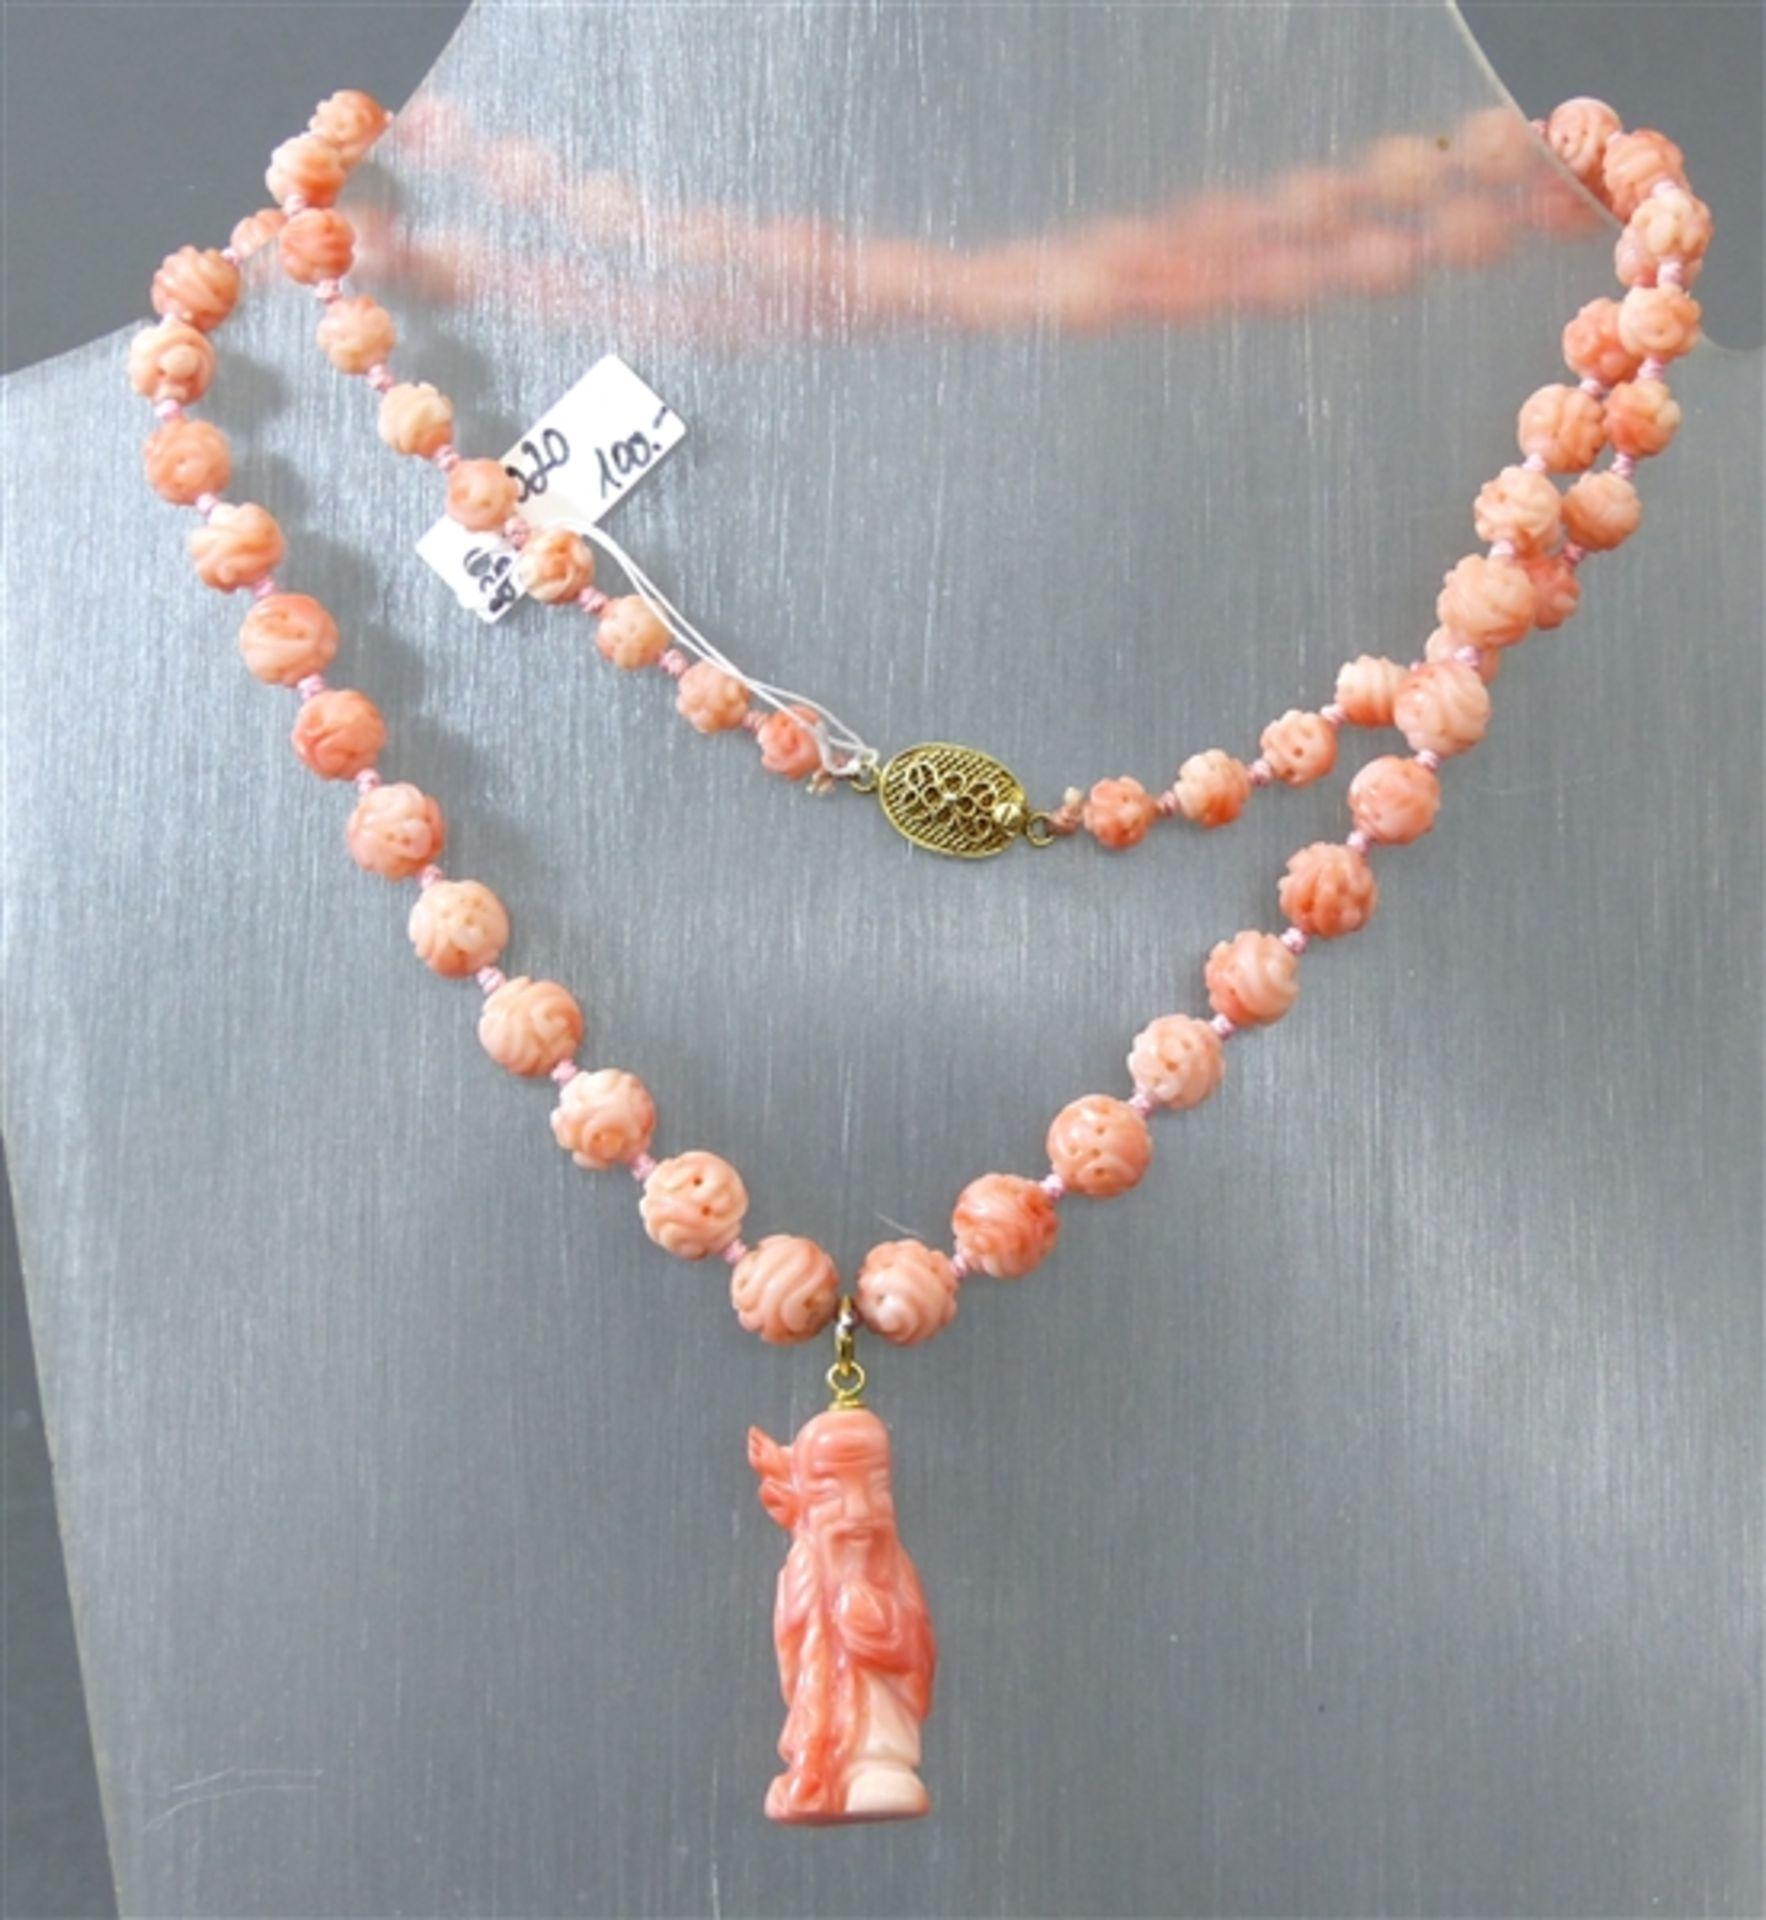 """Halskette mit Anhänger Silberverschluss, geschnittene Korallperlen im Verlauf, """"Weiser mit Stab"""","""